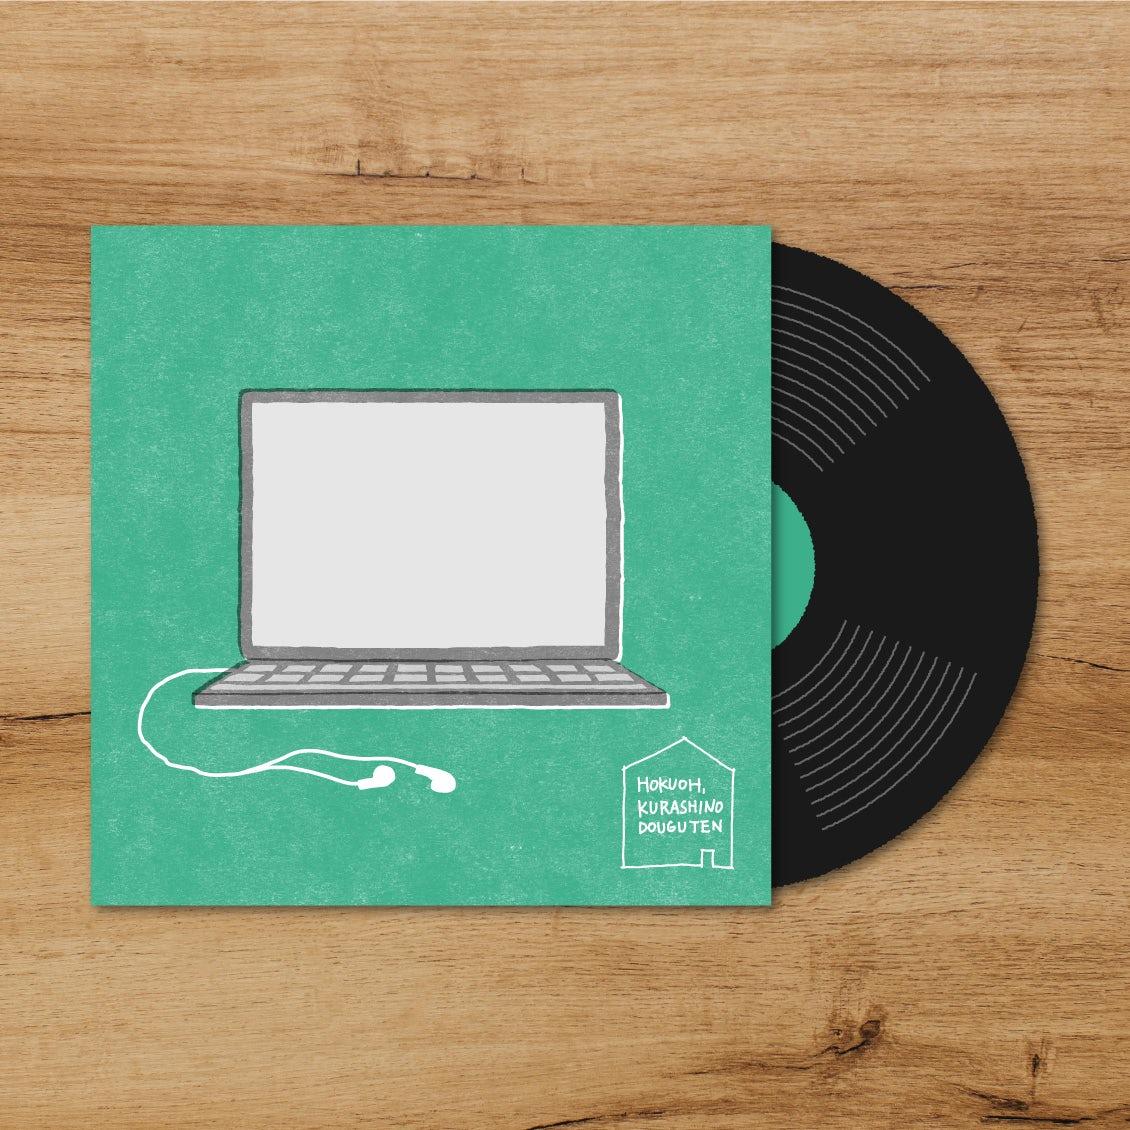 【日常に音楽を】集中したい作業中におすすめのプレイリスト「仕事と、音楽と。」を更新しました